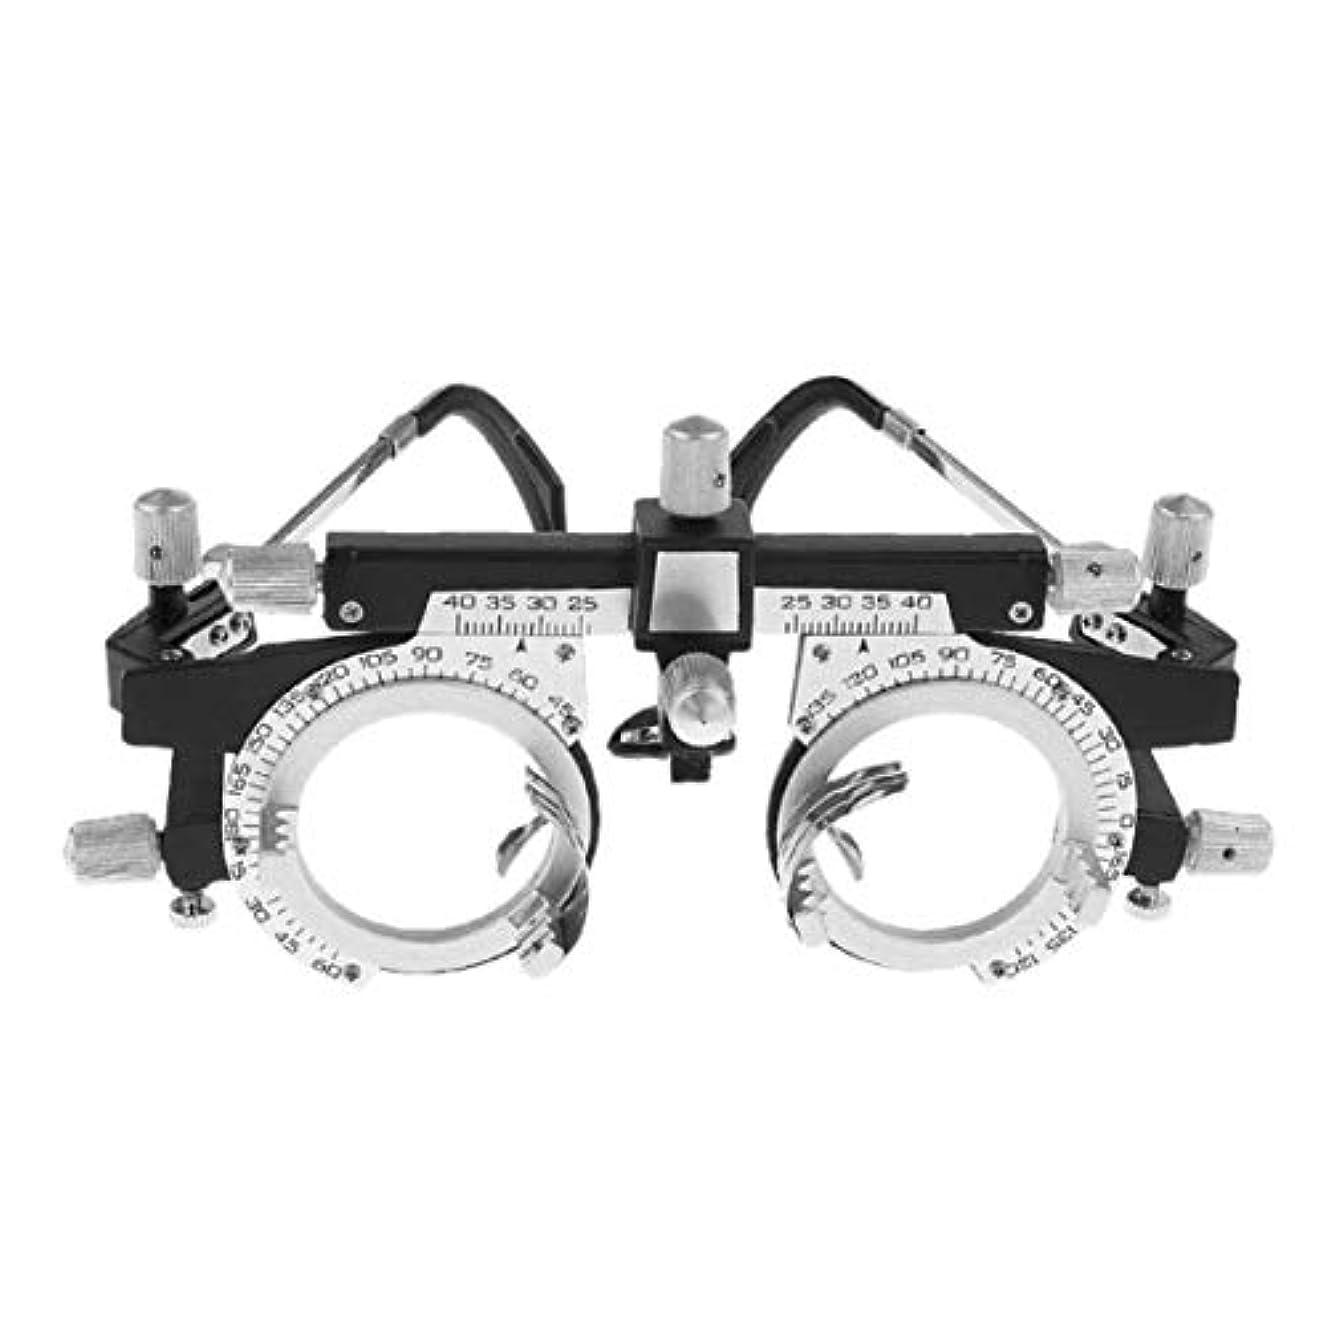 寛大な変化眉調節可能なプロフェッショナルアイウェア検眼メタルフレーム光学オプティクストライアルレンズメタルフレームPDメガネアクセサリー - シルバー&ブラック